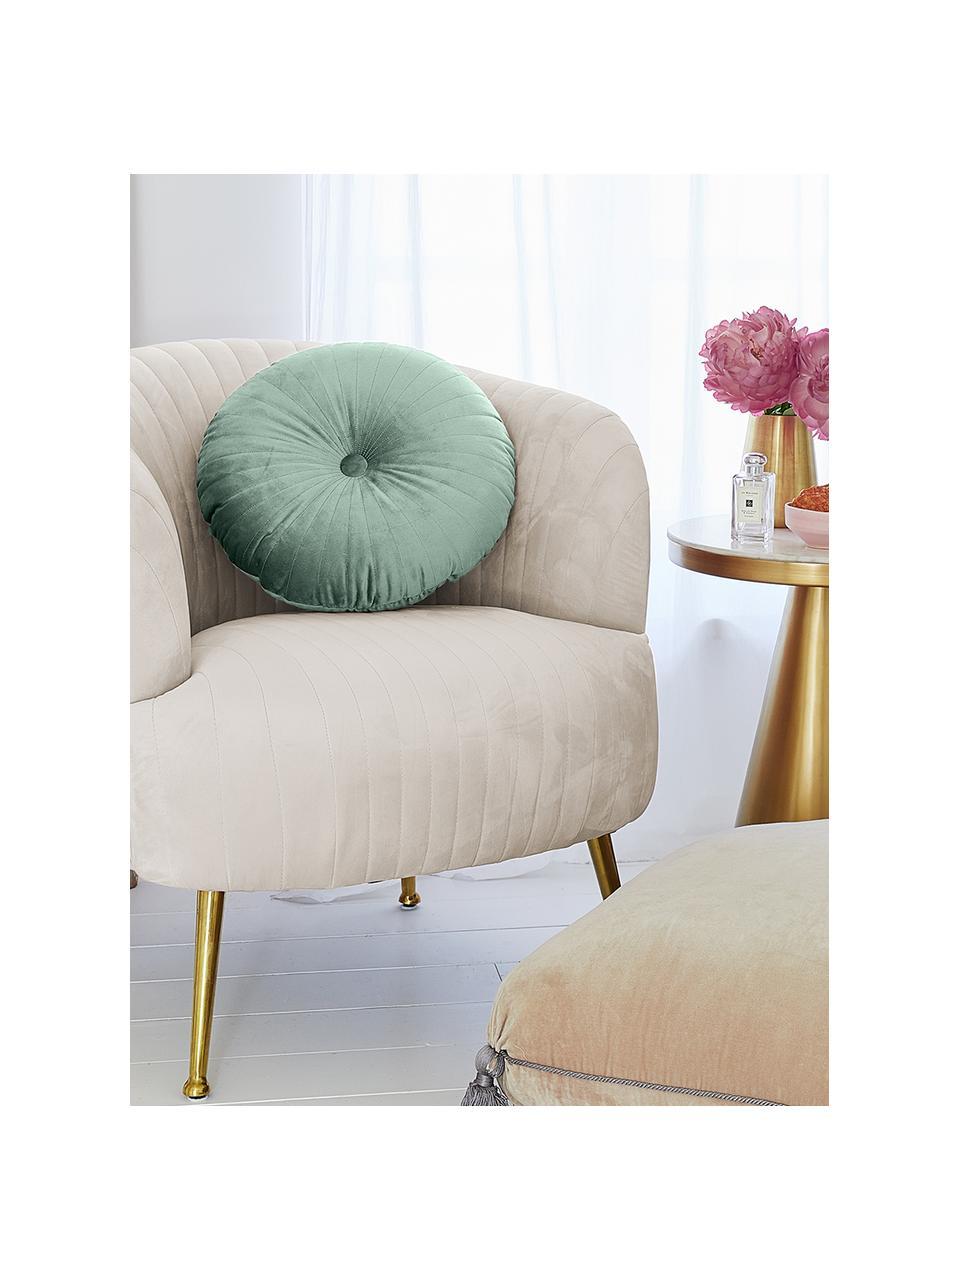 Poduszka okrągła z aksamitu z wkładem Monet, Tapicerka: 100% aksamit poliestrowy, Miętowy, Ø 40 cm